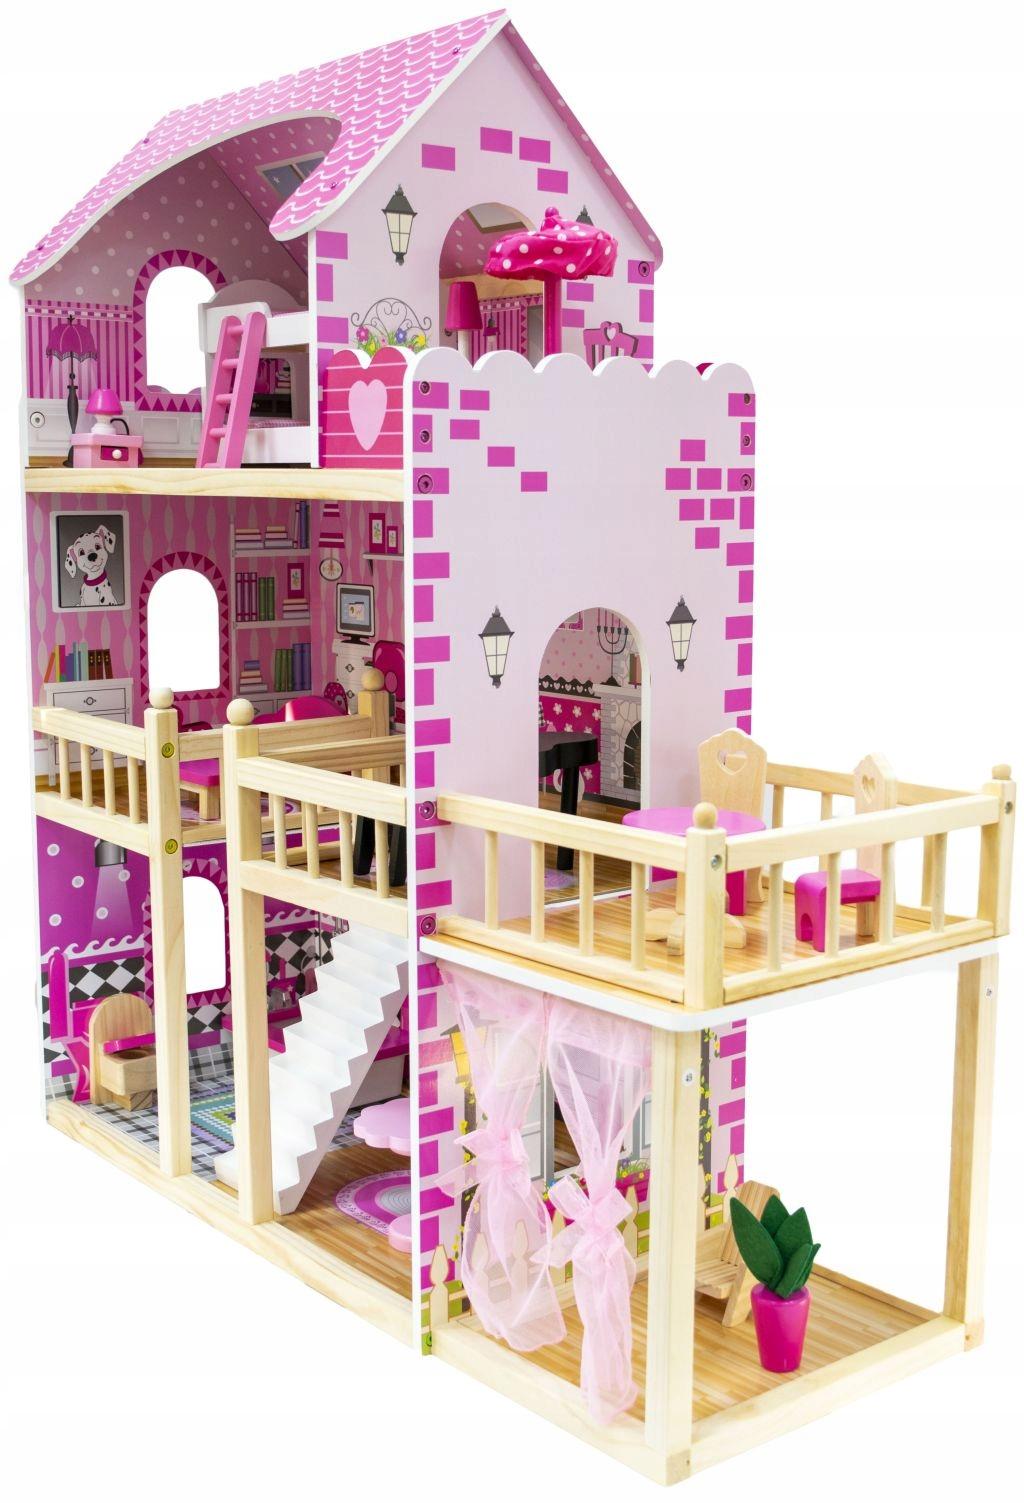 Domček pre bábiky NADIA s terasou a altánkom pre LOL